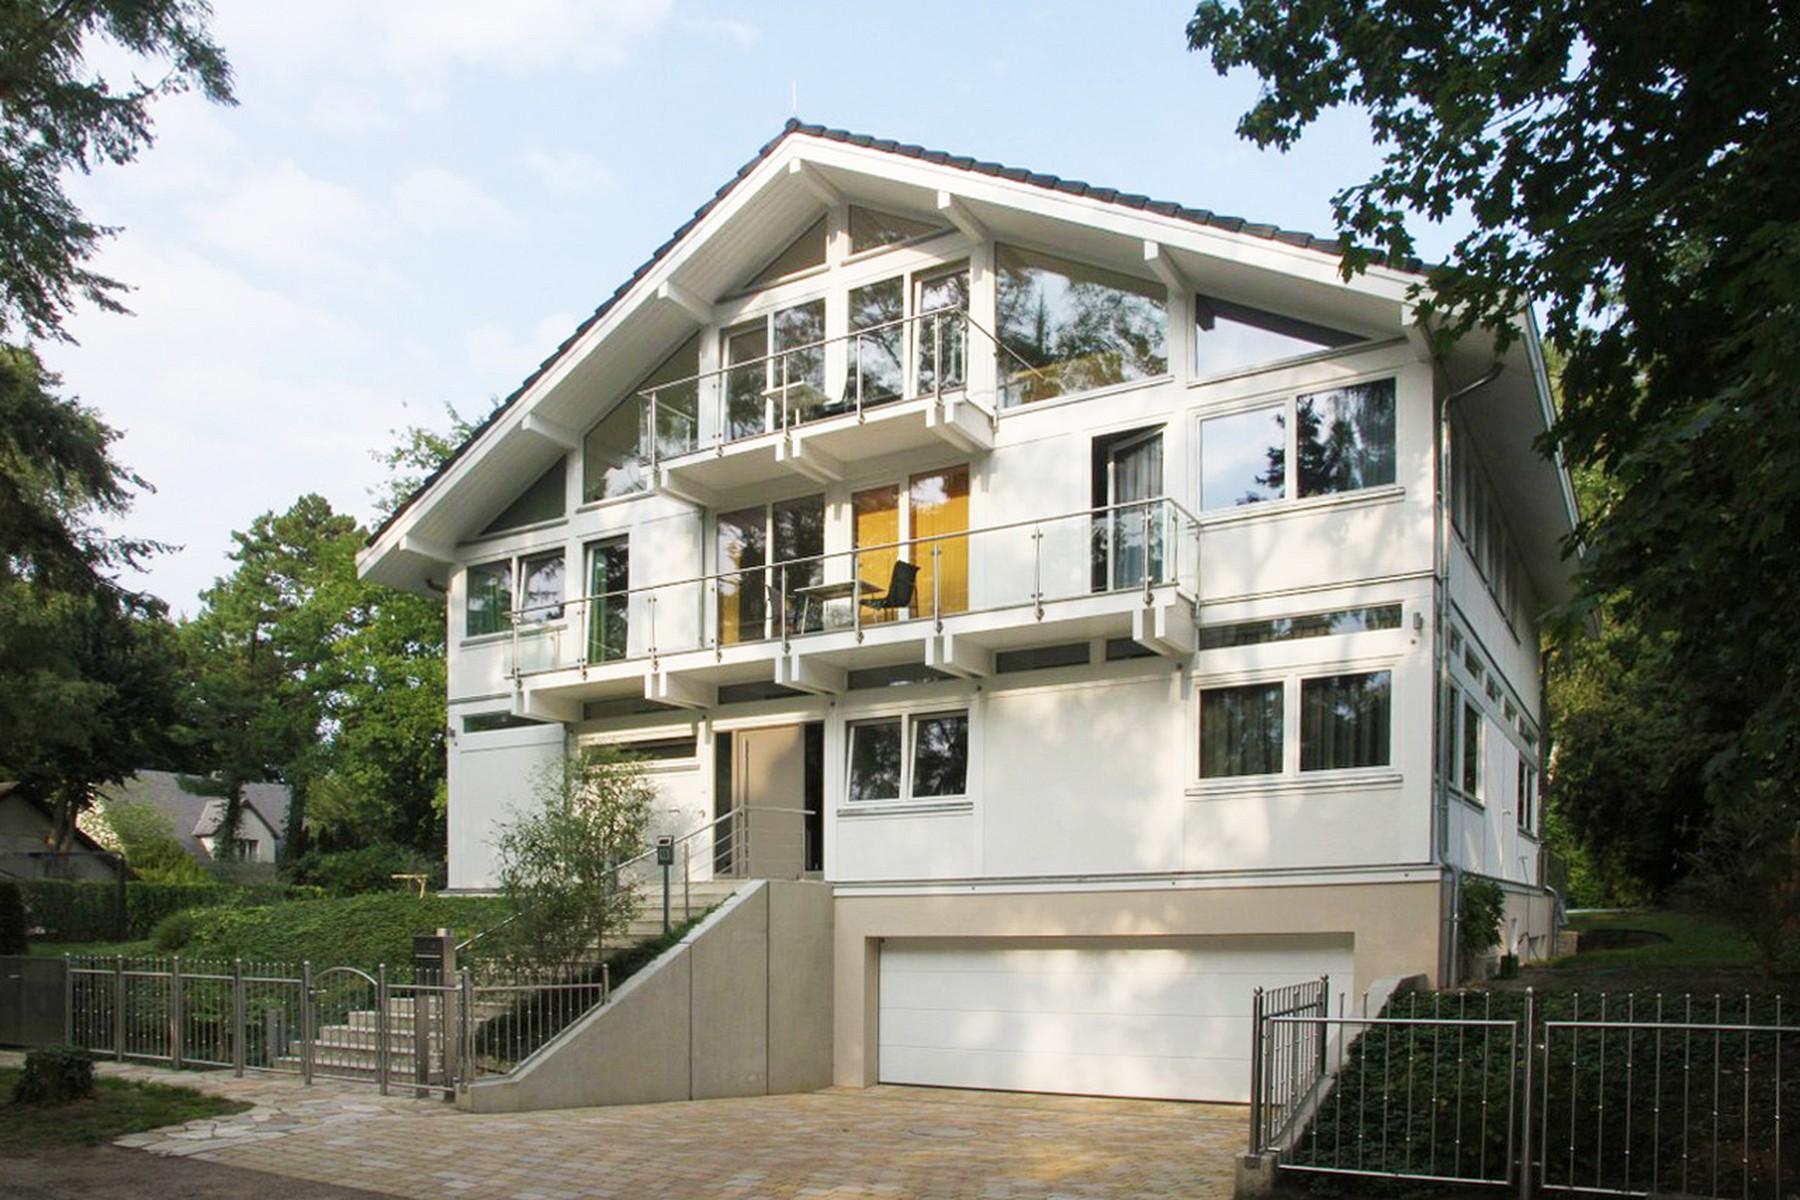 Modernes fachwerkhaus unsere neue referenz concentus for Architektenhaus modern